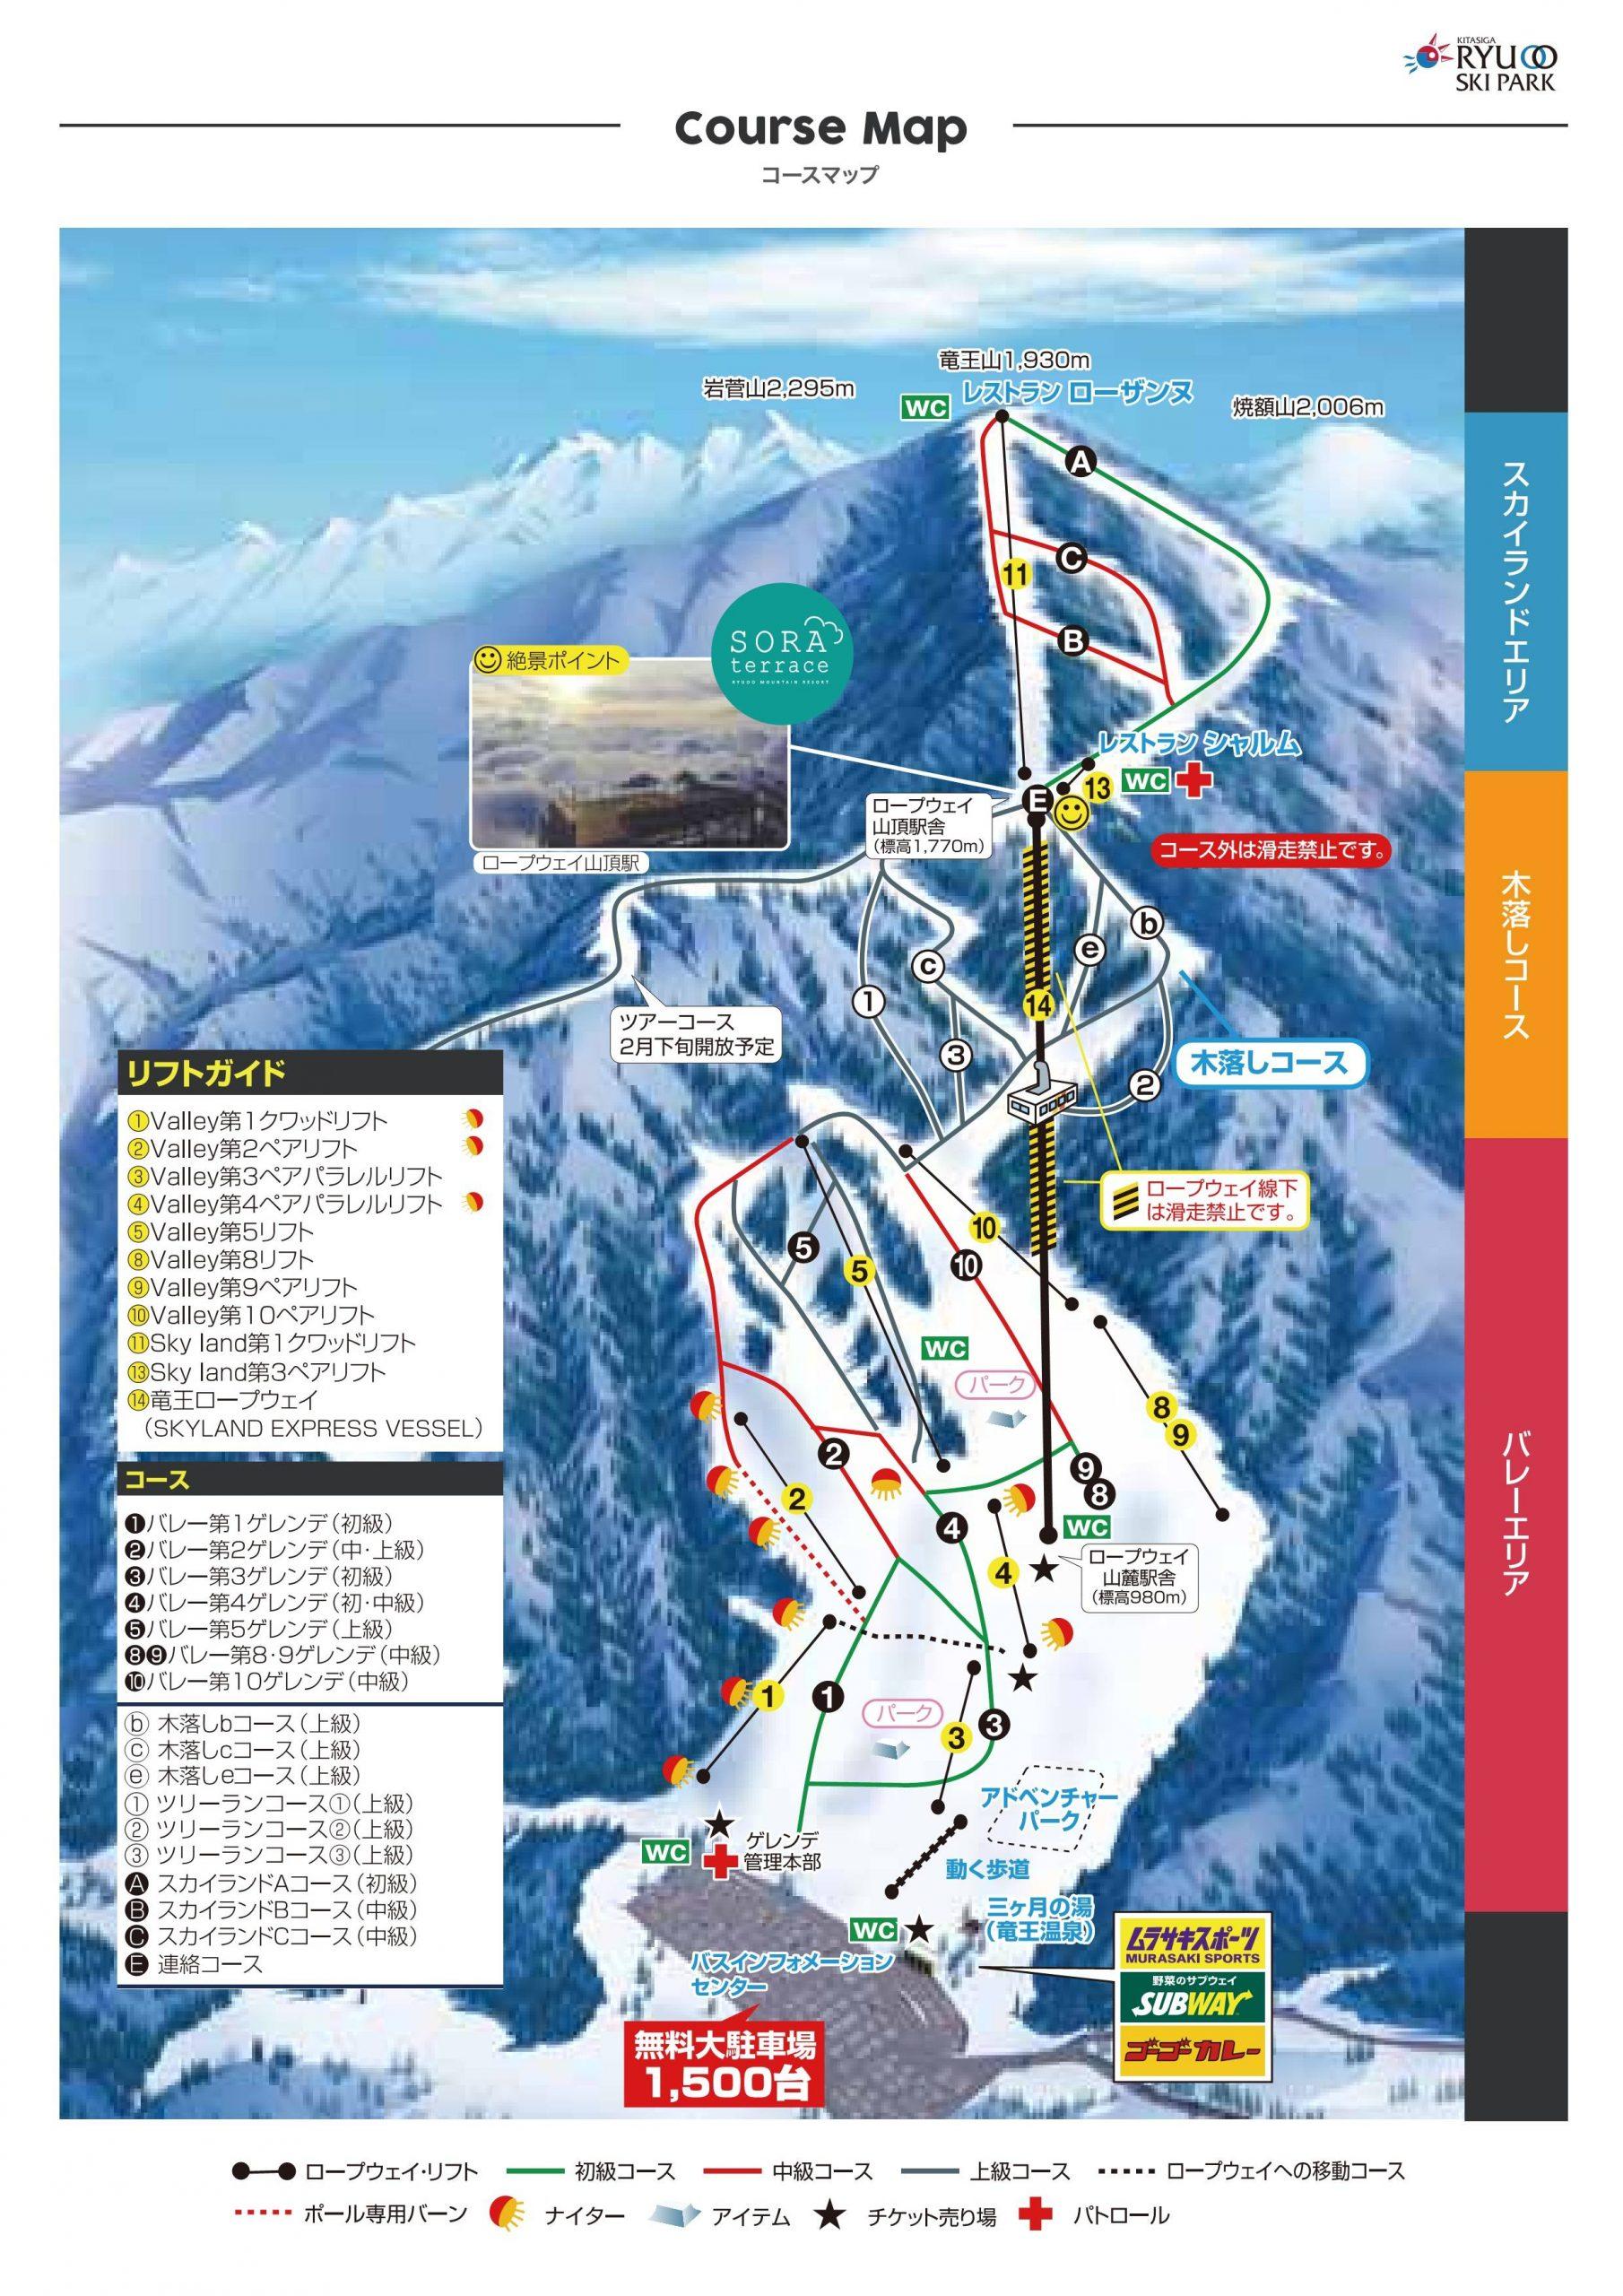 ryuoo-ski-park-map